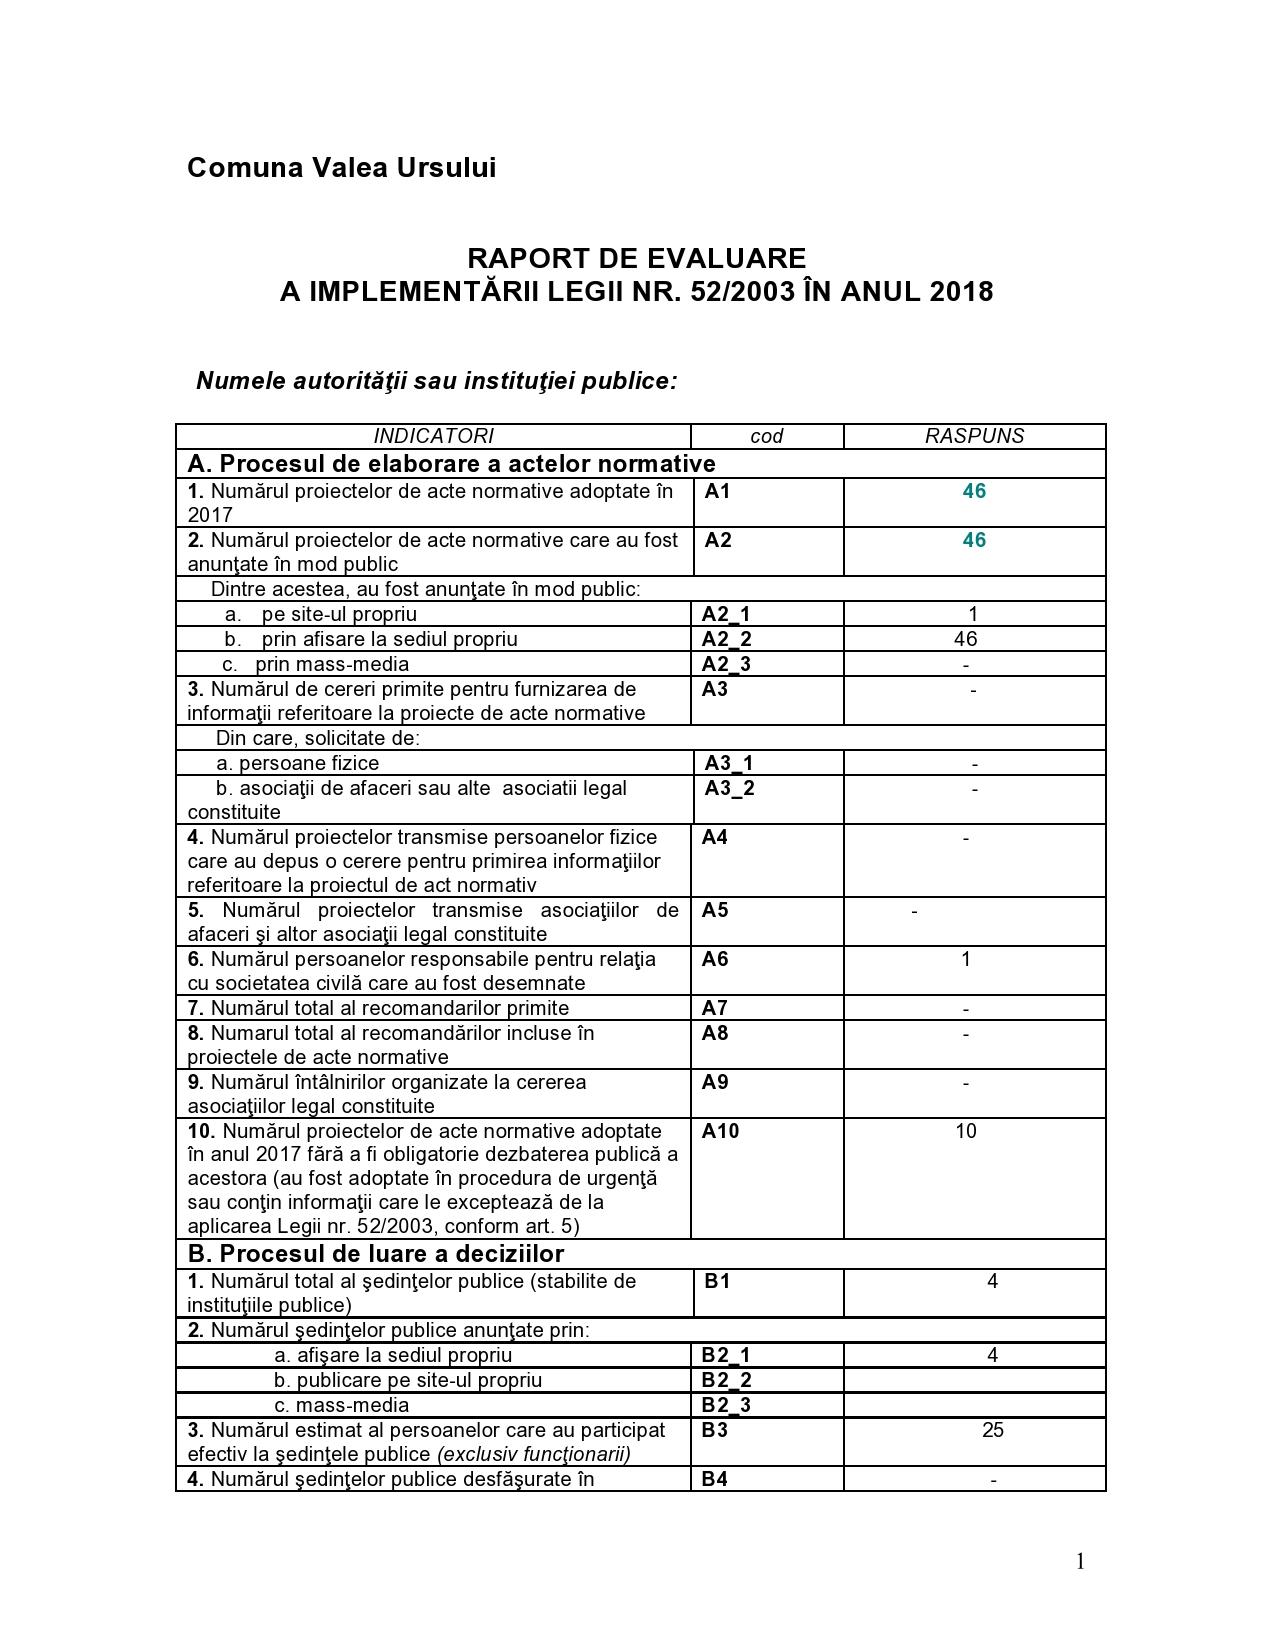 RAPORT DE EVALUARE L52 final-page0001